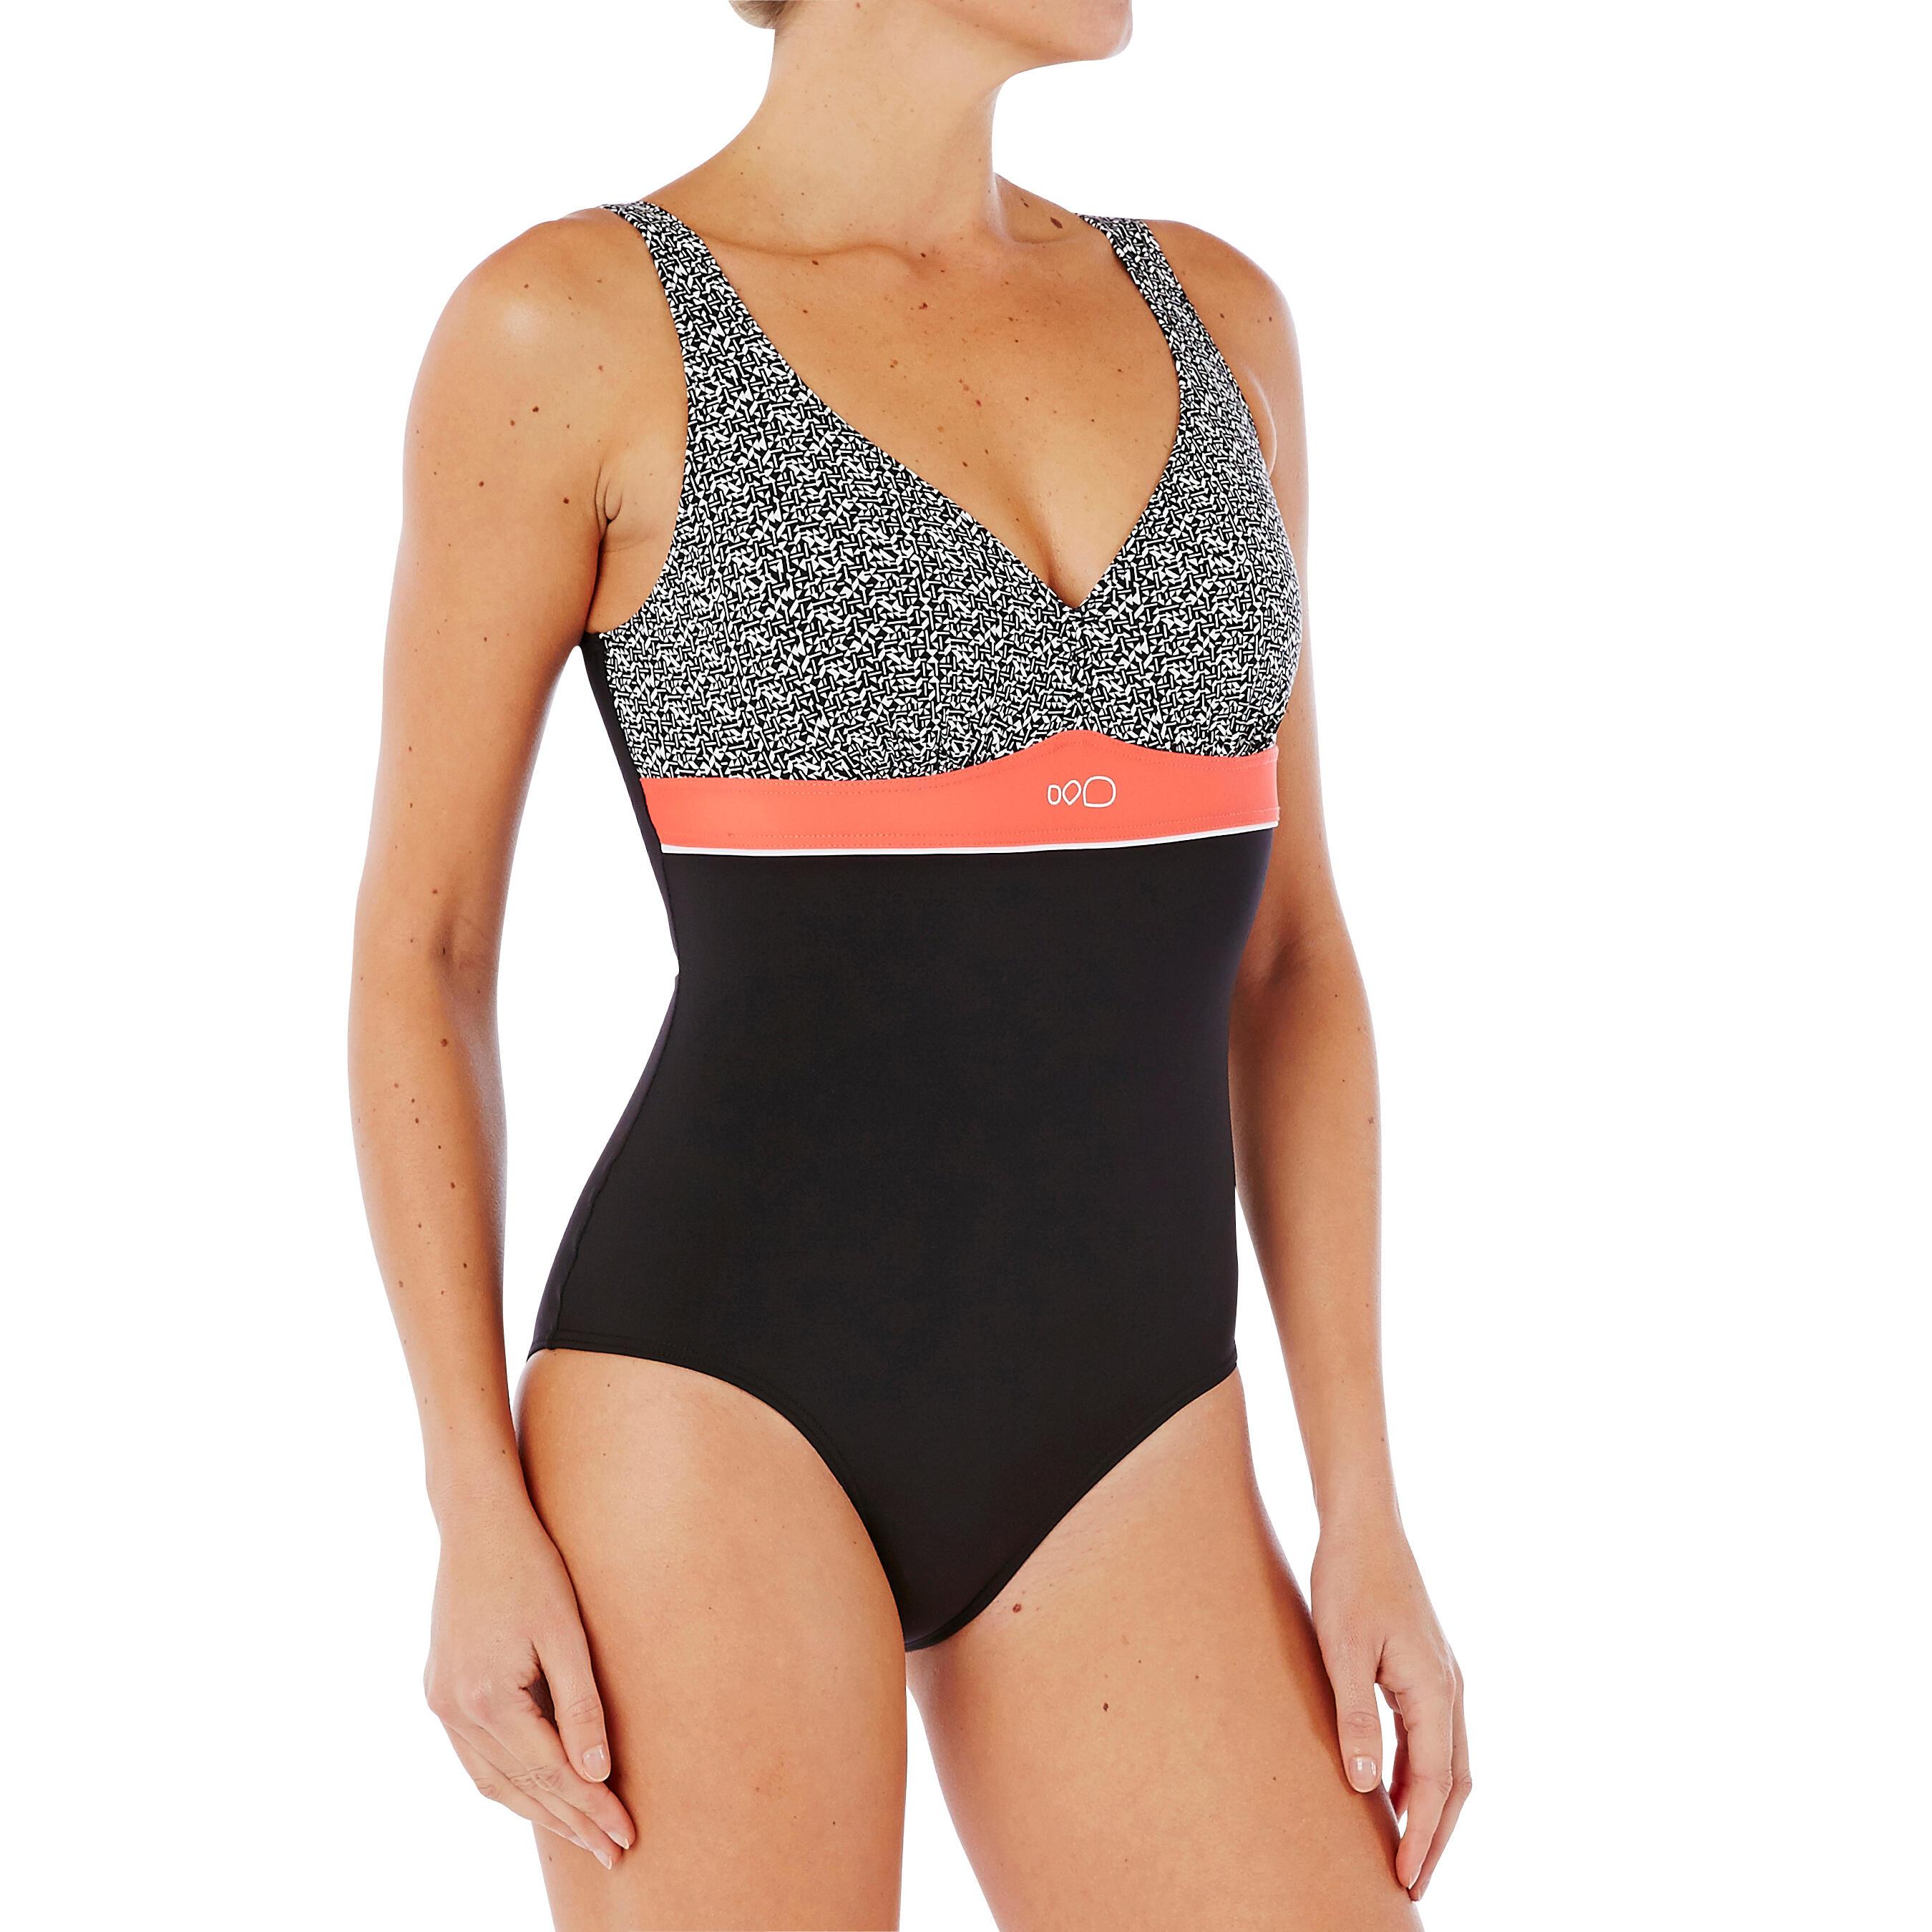 Zwemkleding kopen met voordeel